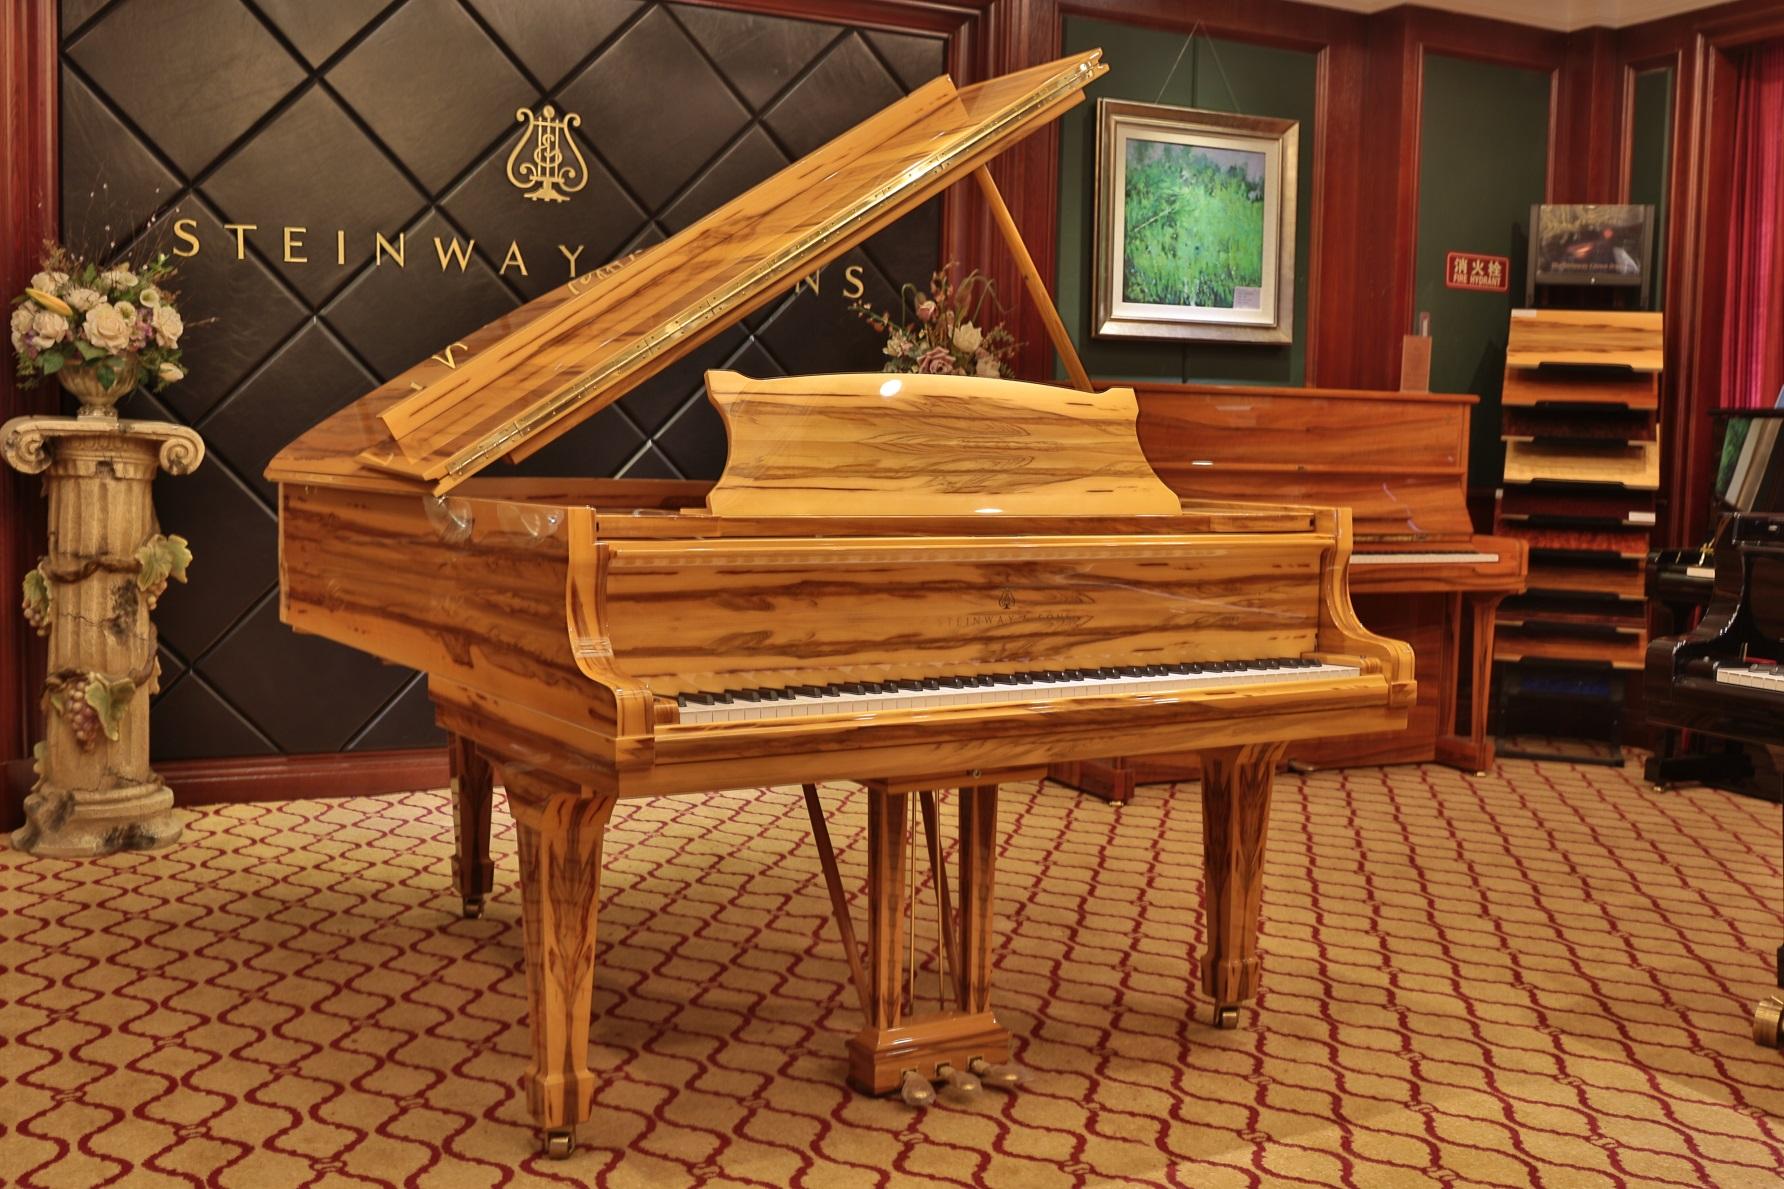 世界上最贵的钢琴是以著名当代艺术大师石齐创作的图片